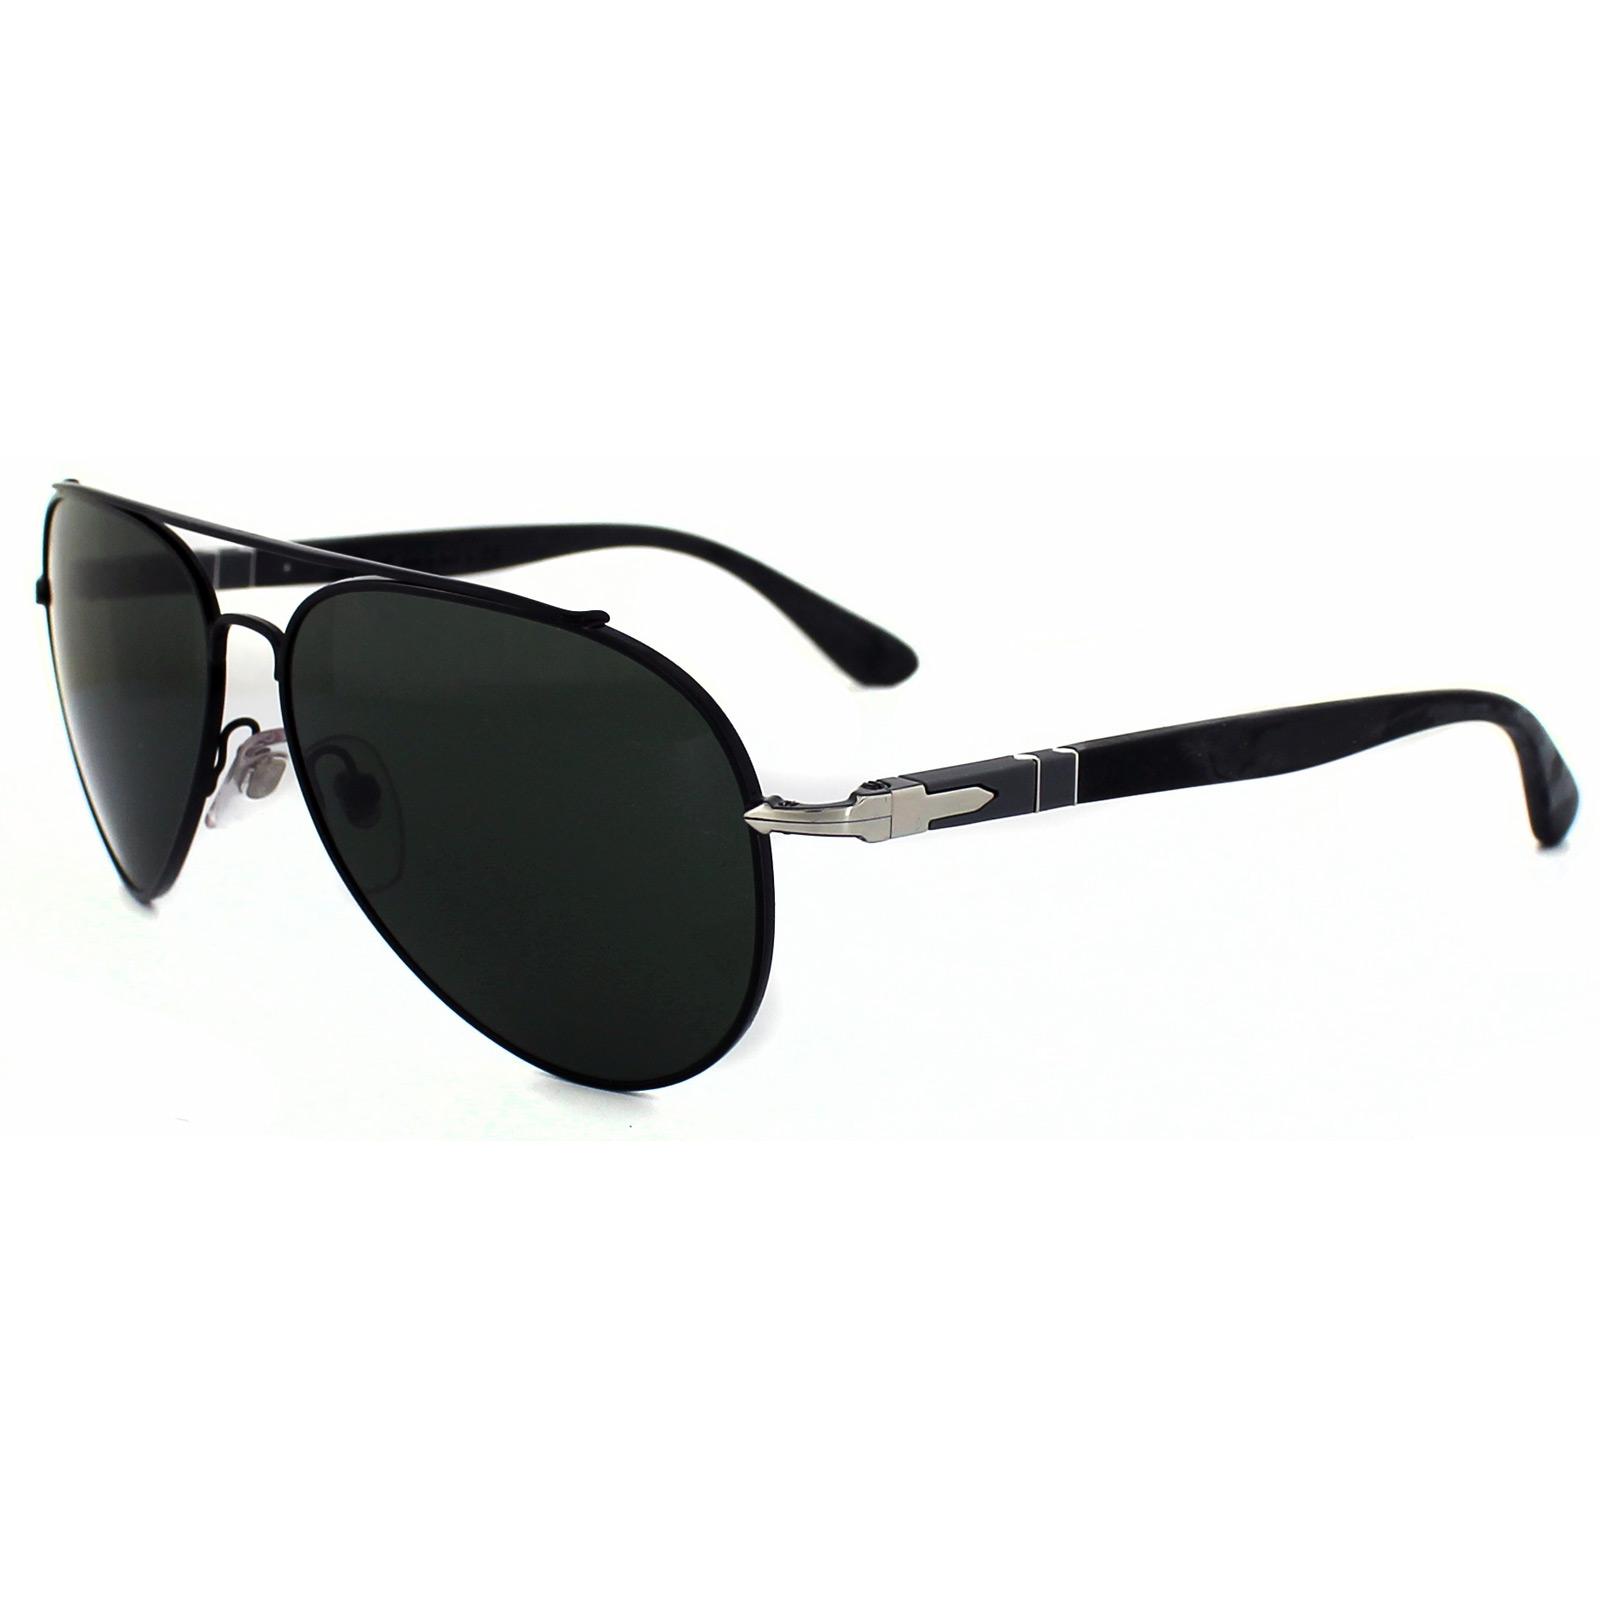 Persol Sunglasses Price  persol 2424 sunglasses ed sunglasses